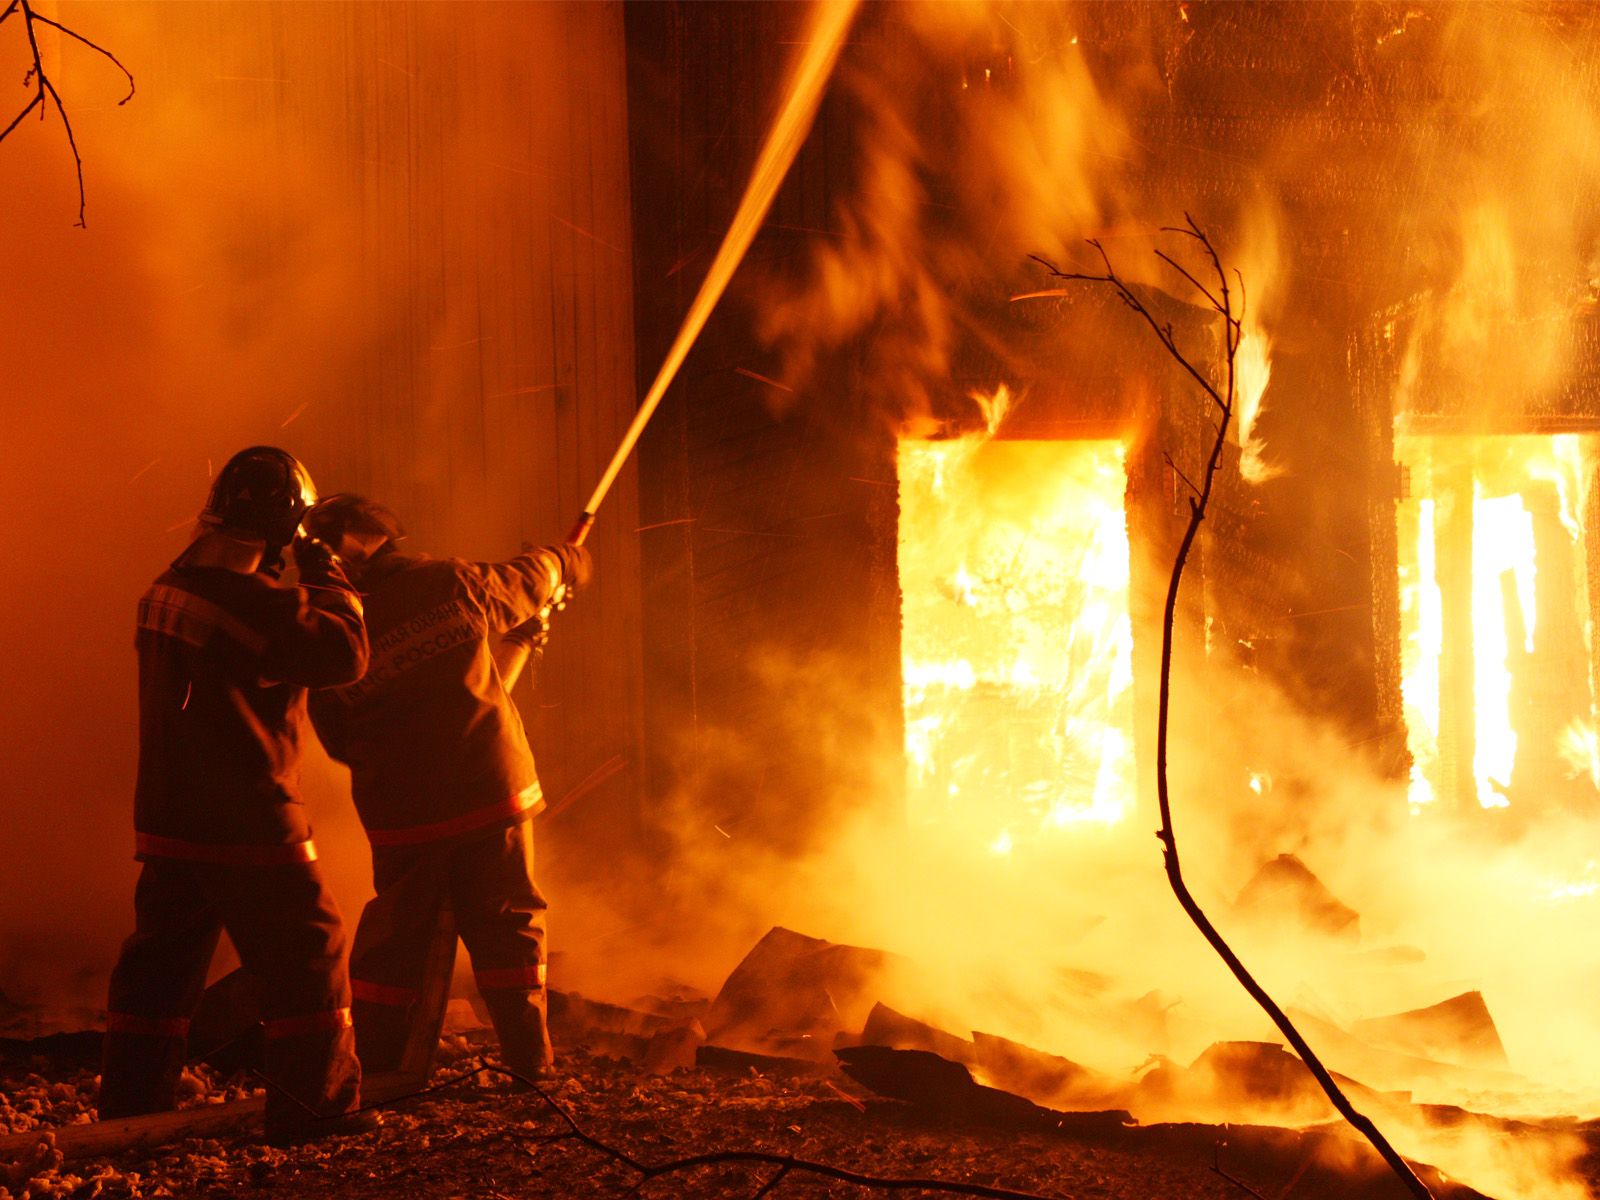 За сутки запорожские спасатели ликвидировали 2 пожара